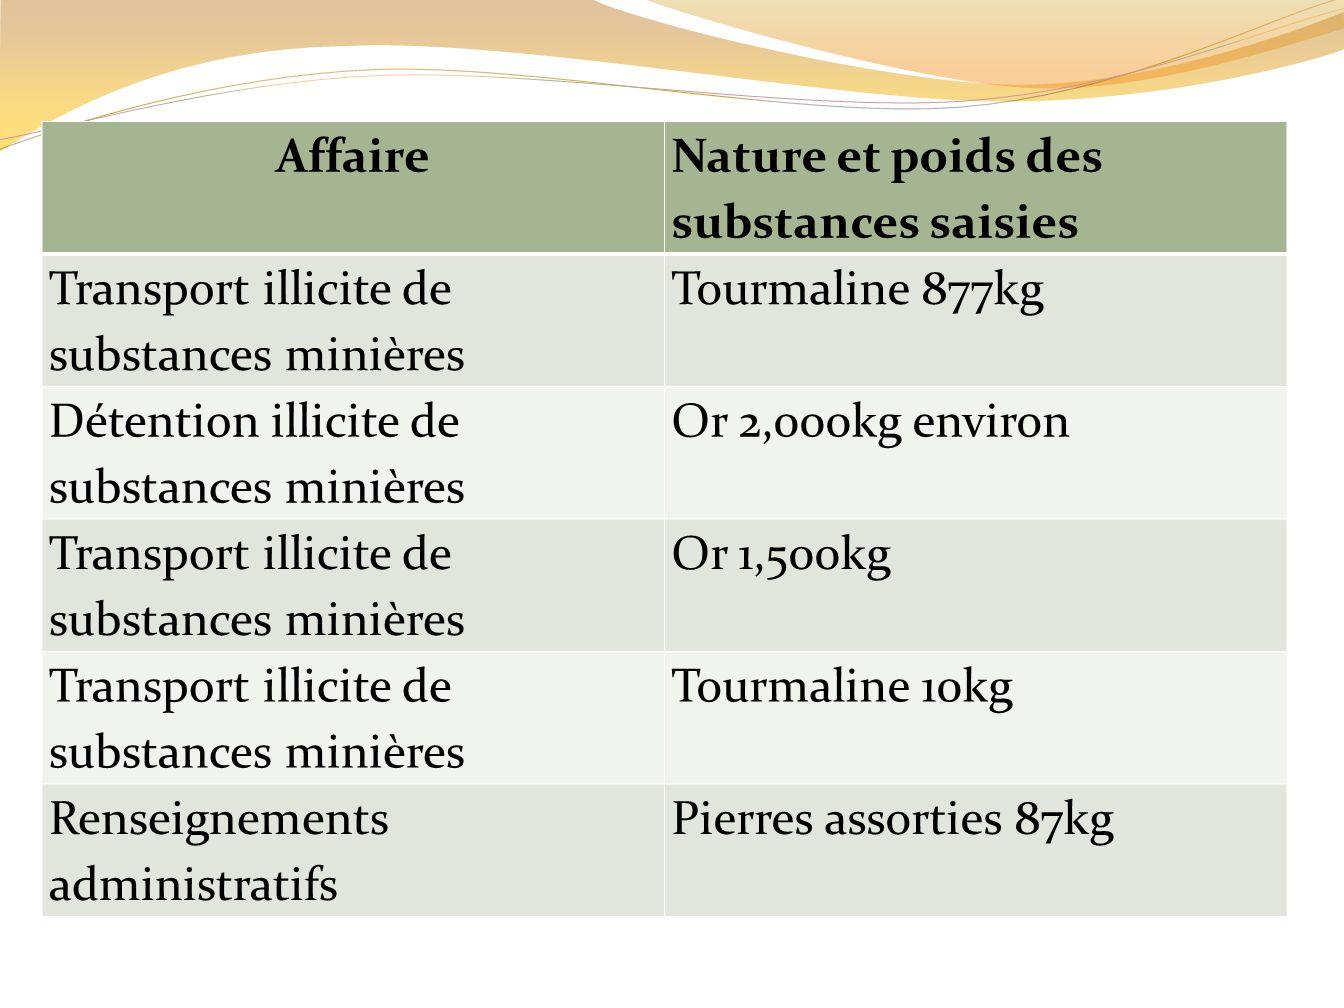 Affaire Nature et poids des substances saisies. Transport illicite de substances minières. Tourmaline 877kg.